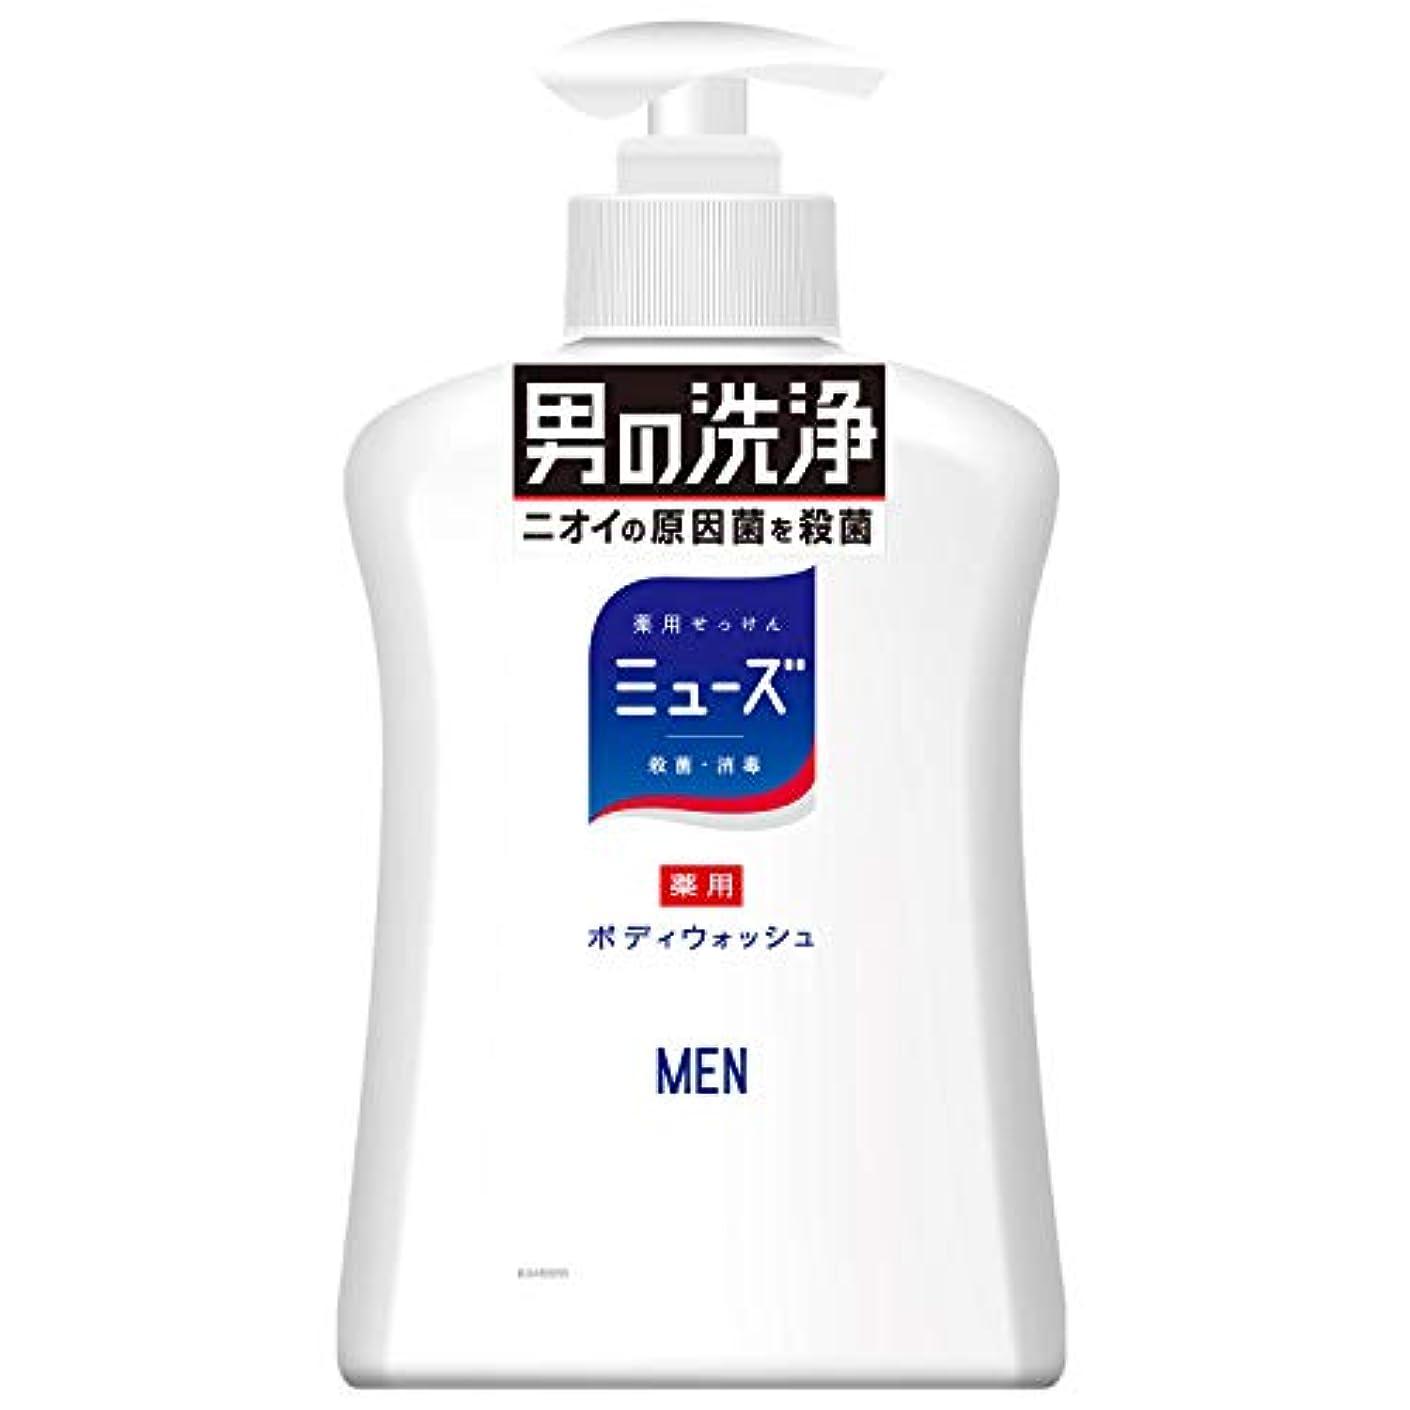 処方隠参照【医薬部外品】ミューズメン ボディーウオッシュ ボトル 500ml ボディソープ 消臭